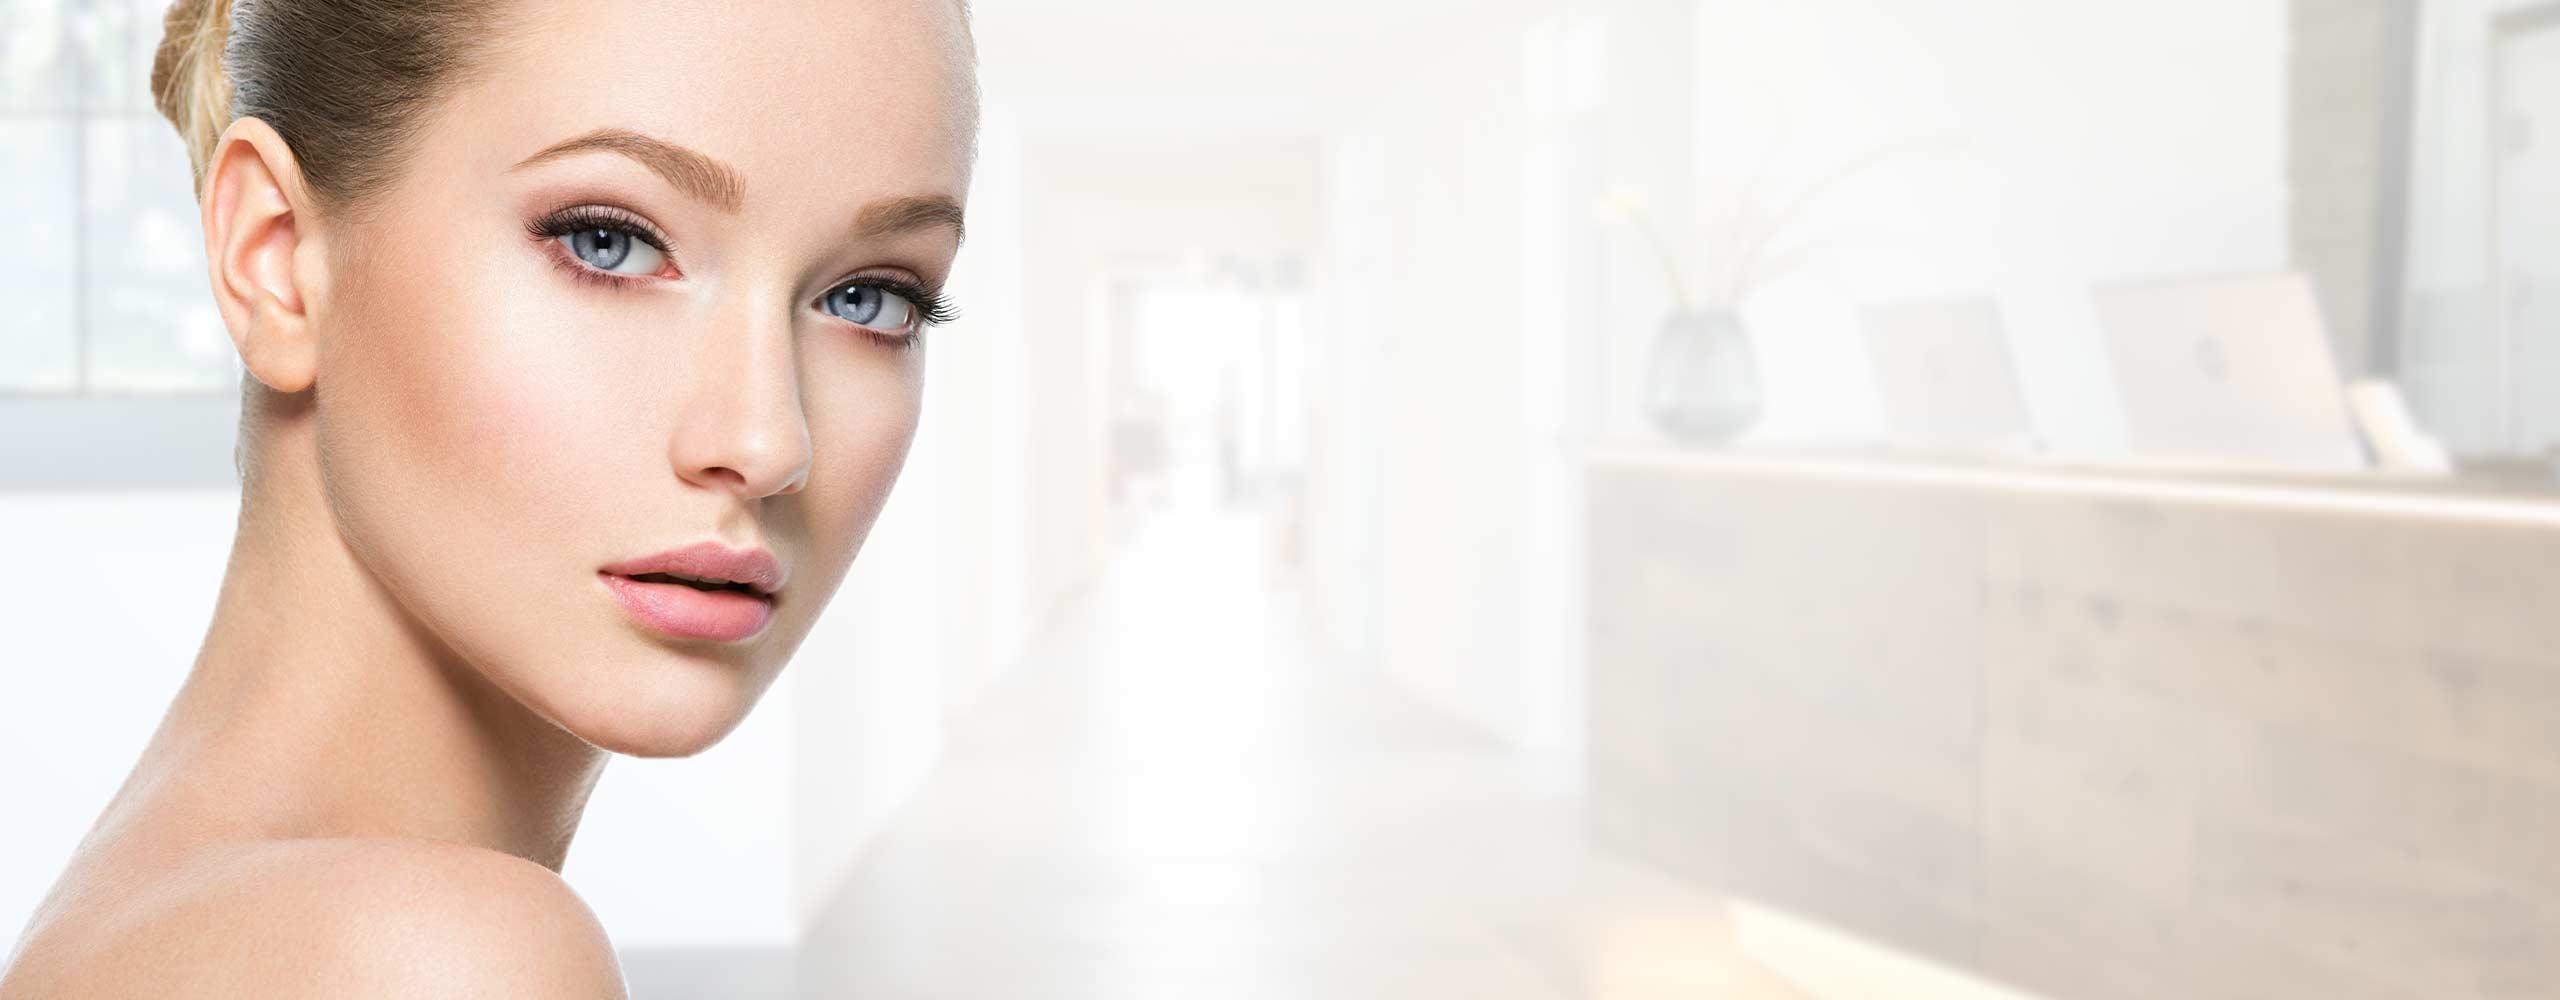 proaesthetic heidelberg schoenheitsklinik unterspritzungen skinbooster